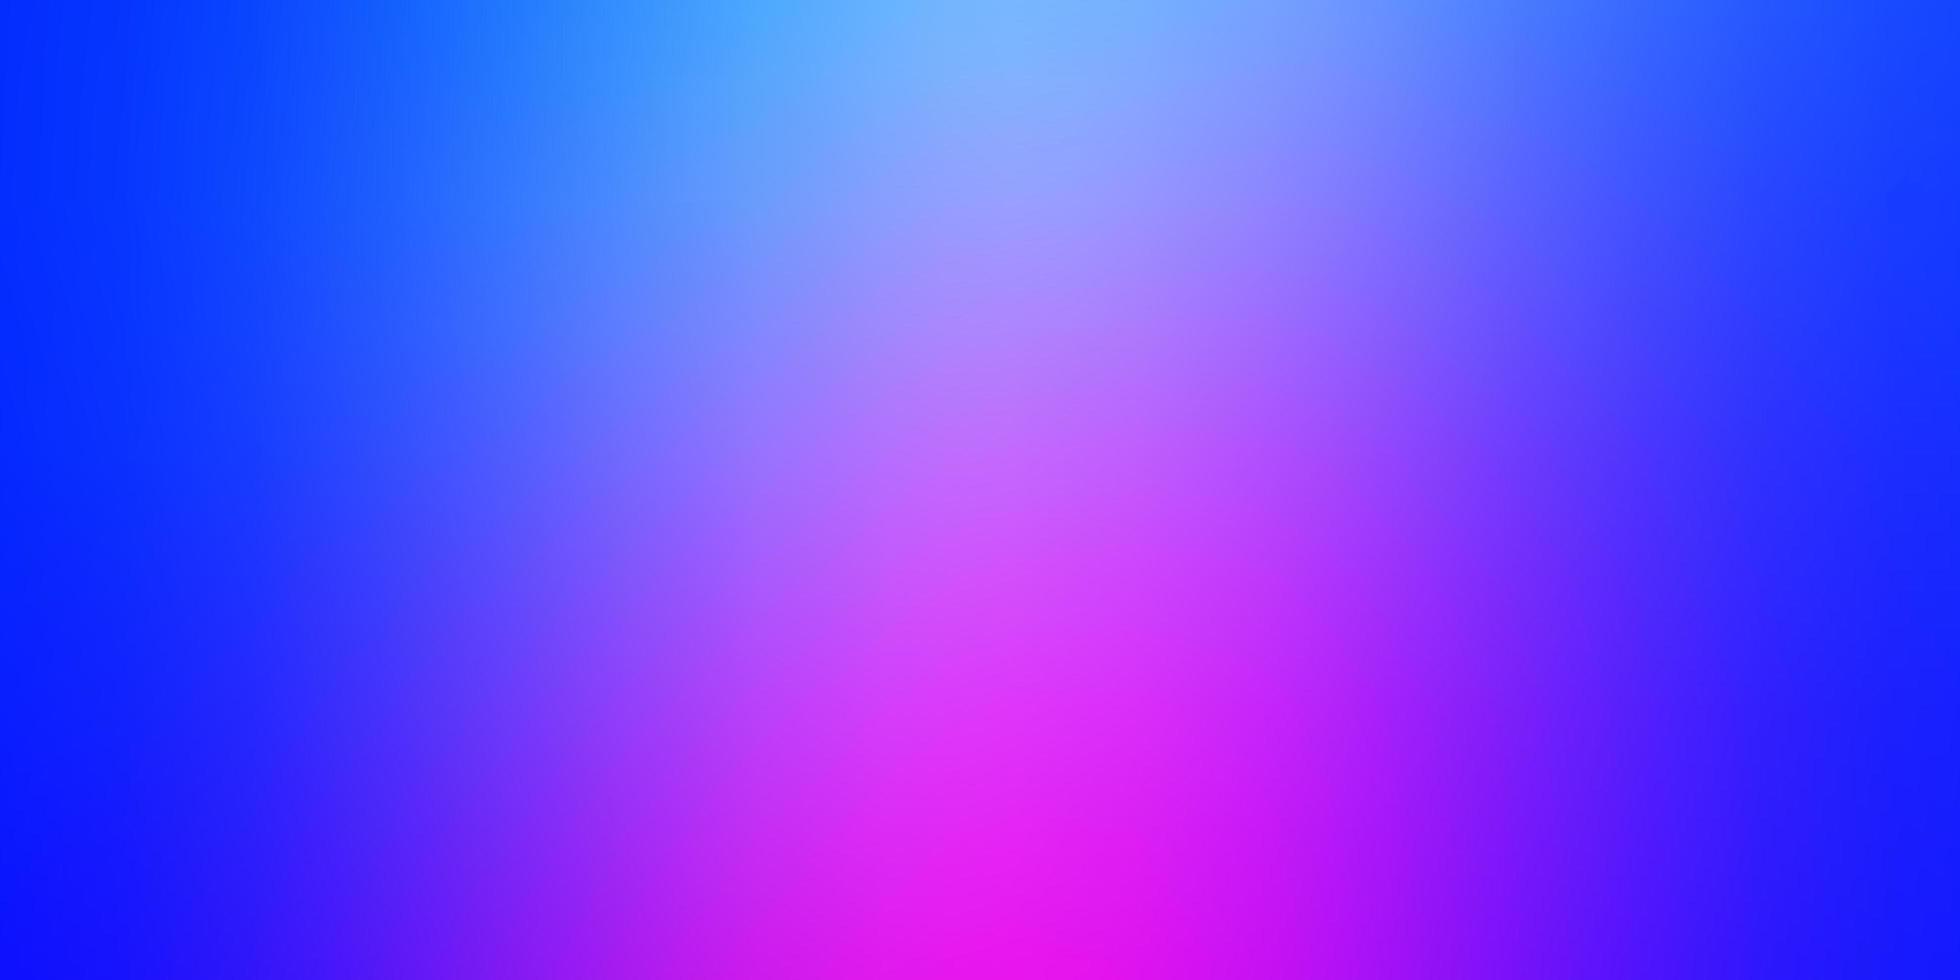 hellrosa, blaue Vektor unscharfe Vorlage.